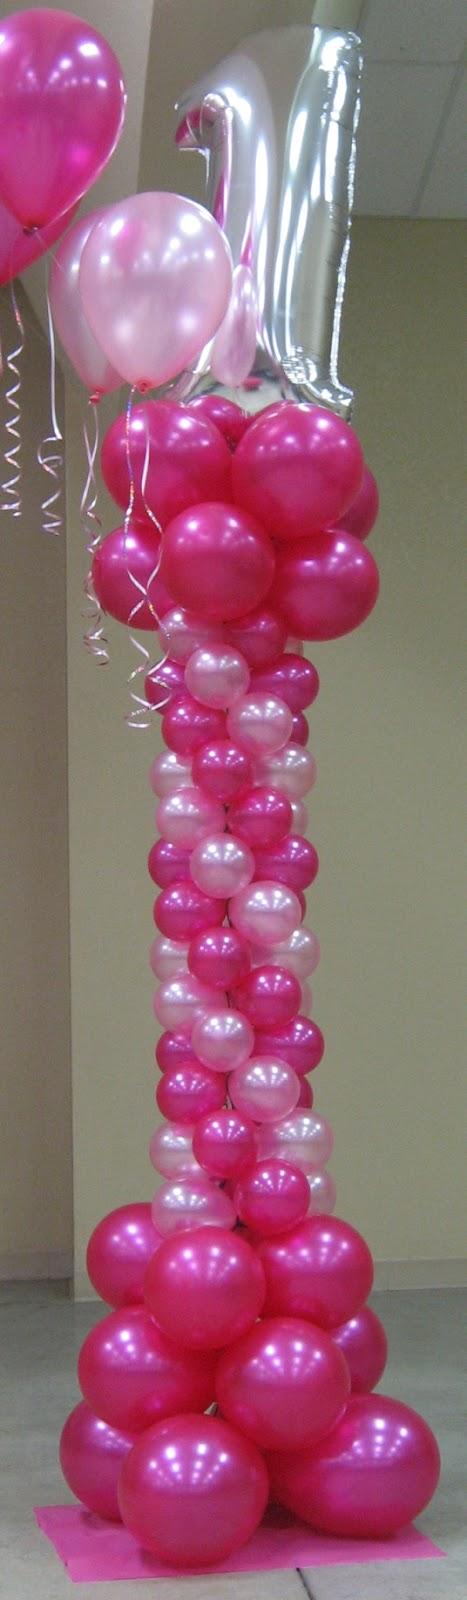 Decoraci n con globos c mo hacer una columna fiestas for Como hacer decoracion con globos